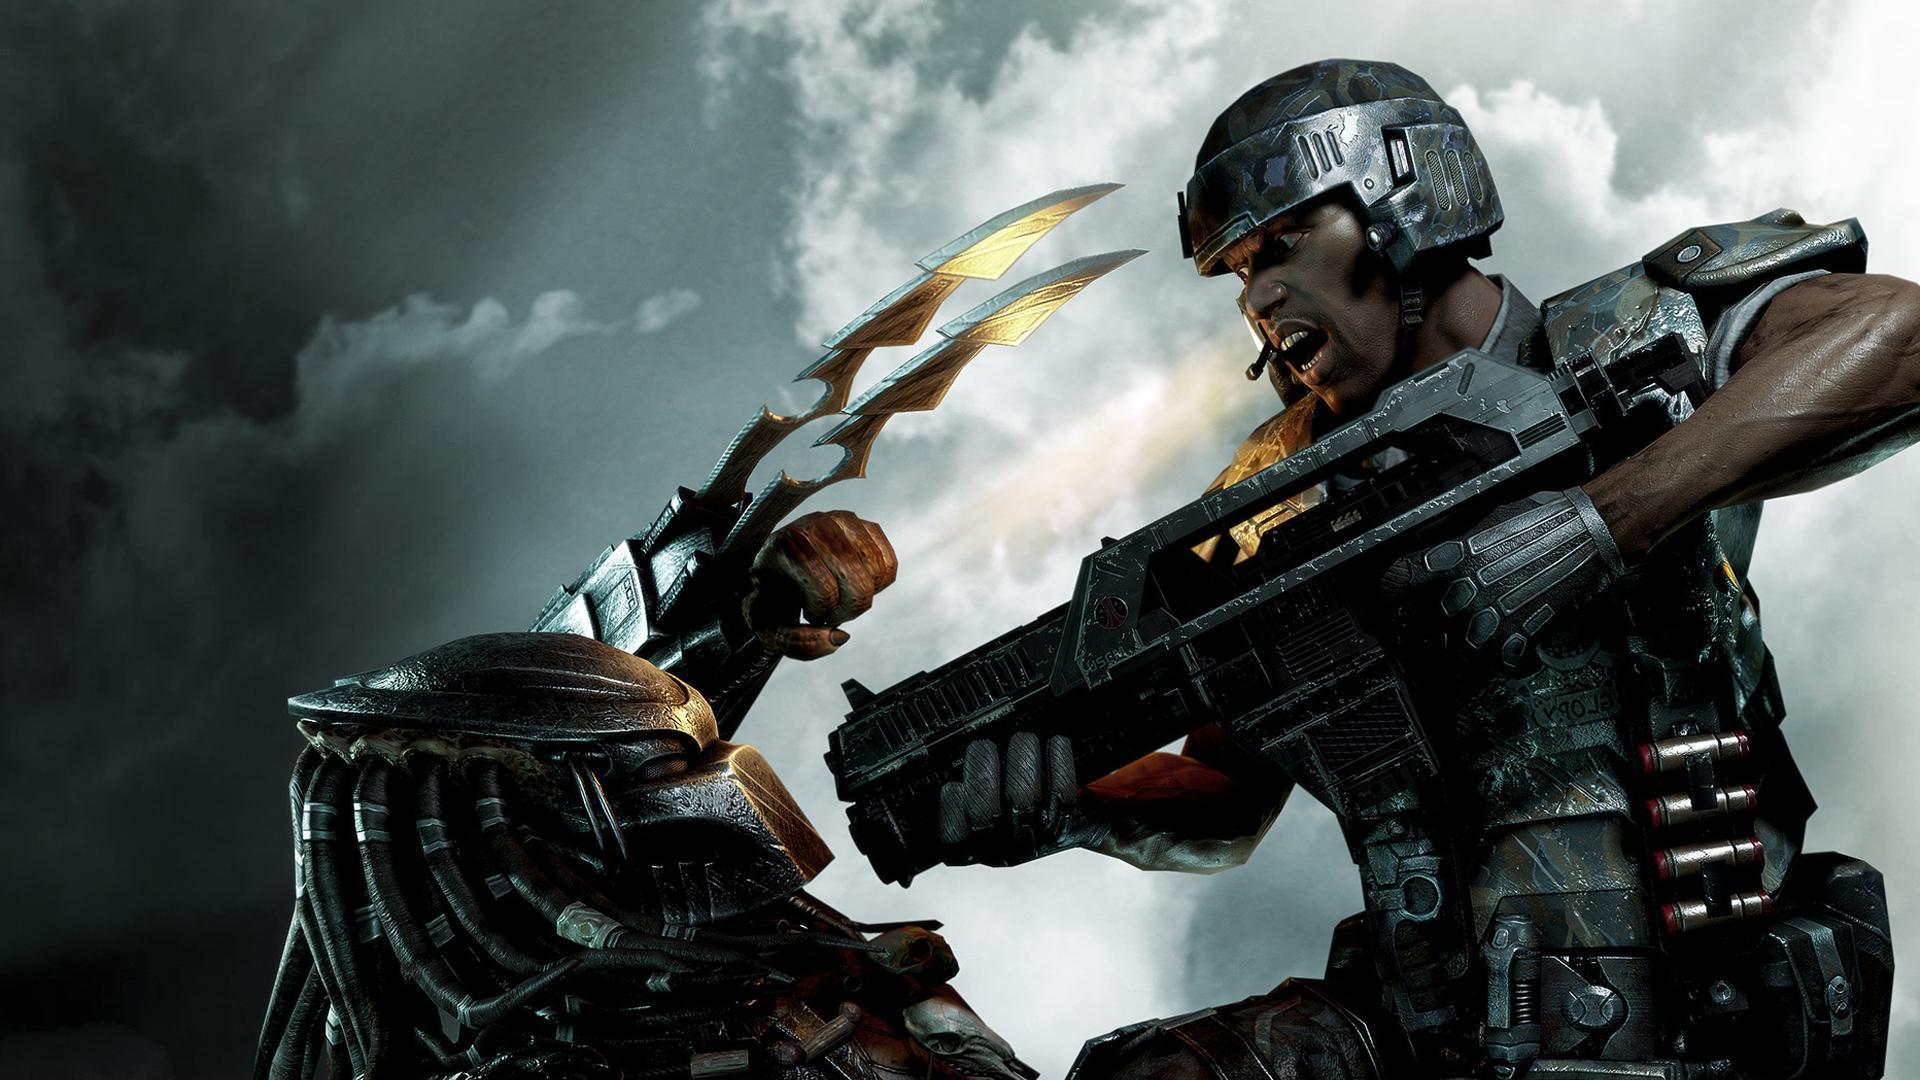 Aliens Vs Predator Xbox 360 wallpaper - 137371  |Alien Vs Predator Xbox 360 Wallpaper